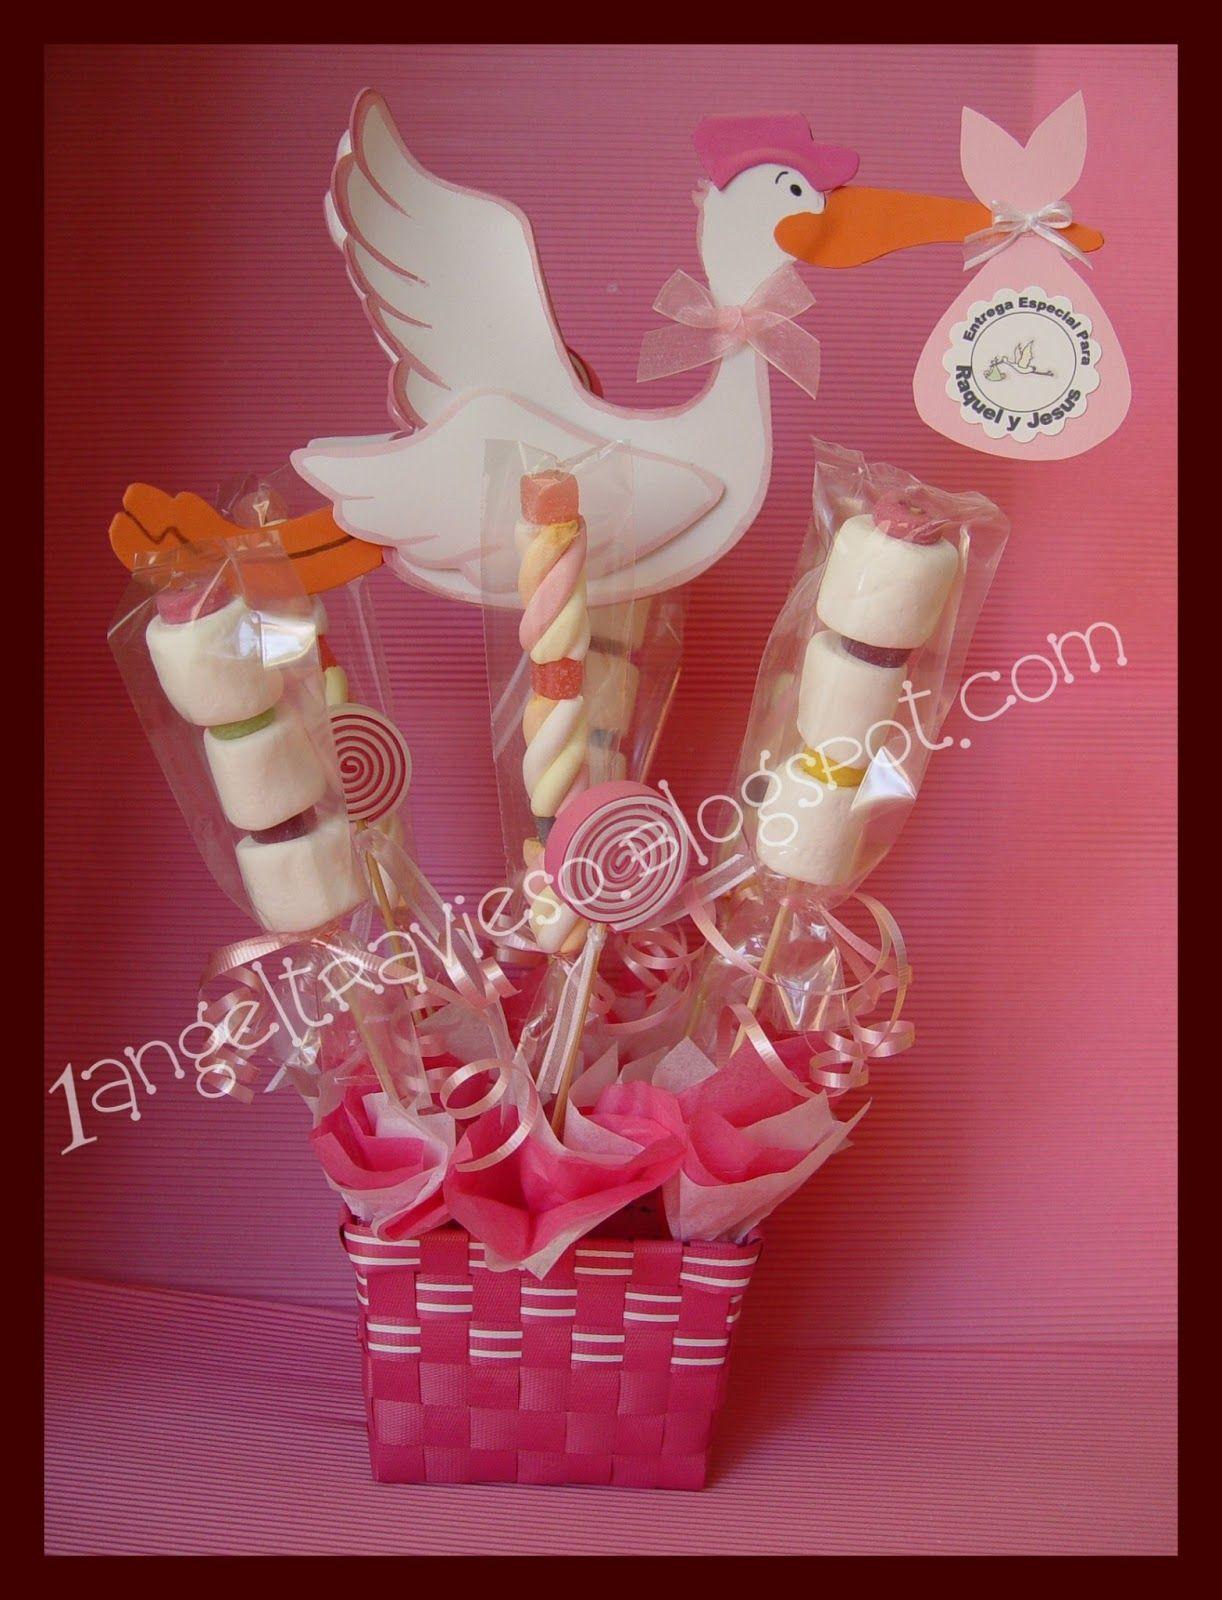 Centro De Mesa Para Baby Shower De Niña, Lleva Figura De Una Cigueña Echa  Con Goma Eva Y Personalizada Con Los Nombres De Los Futuros Pa.